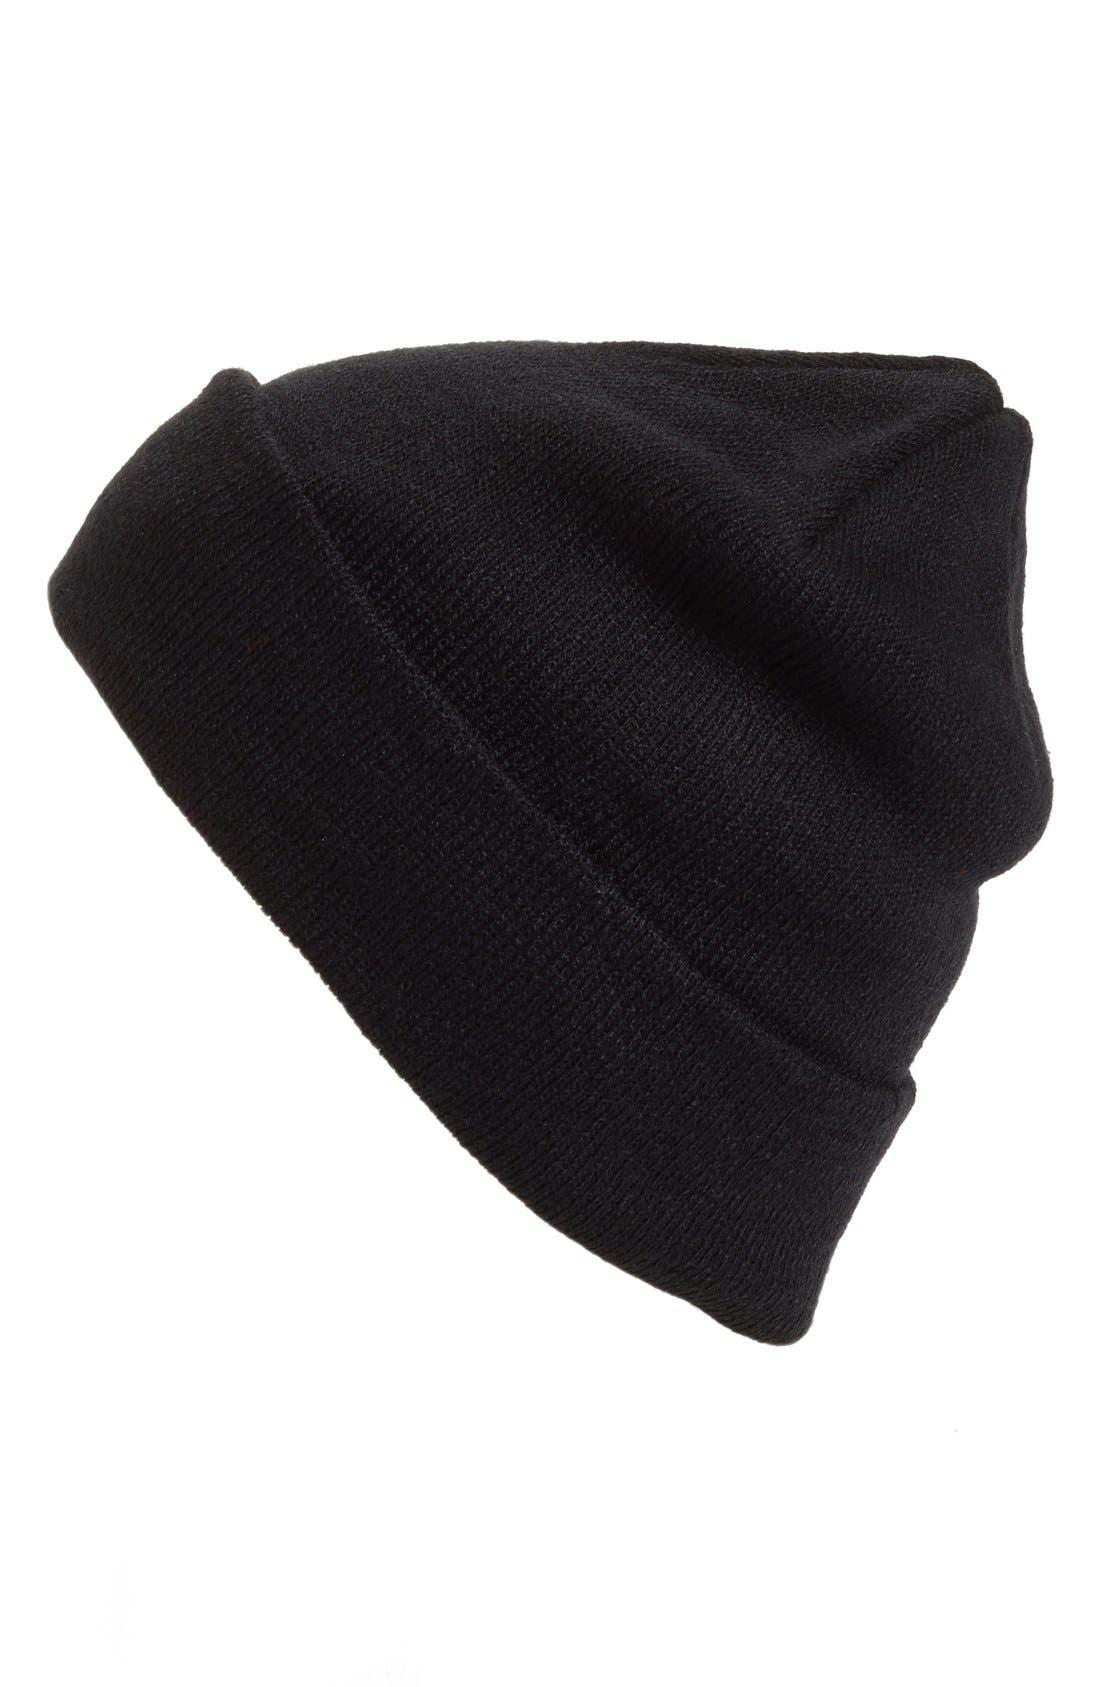 Main Image - BP. Knit Beanie